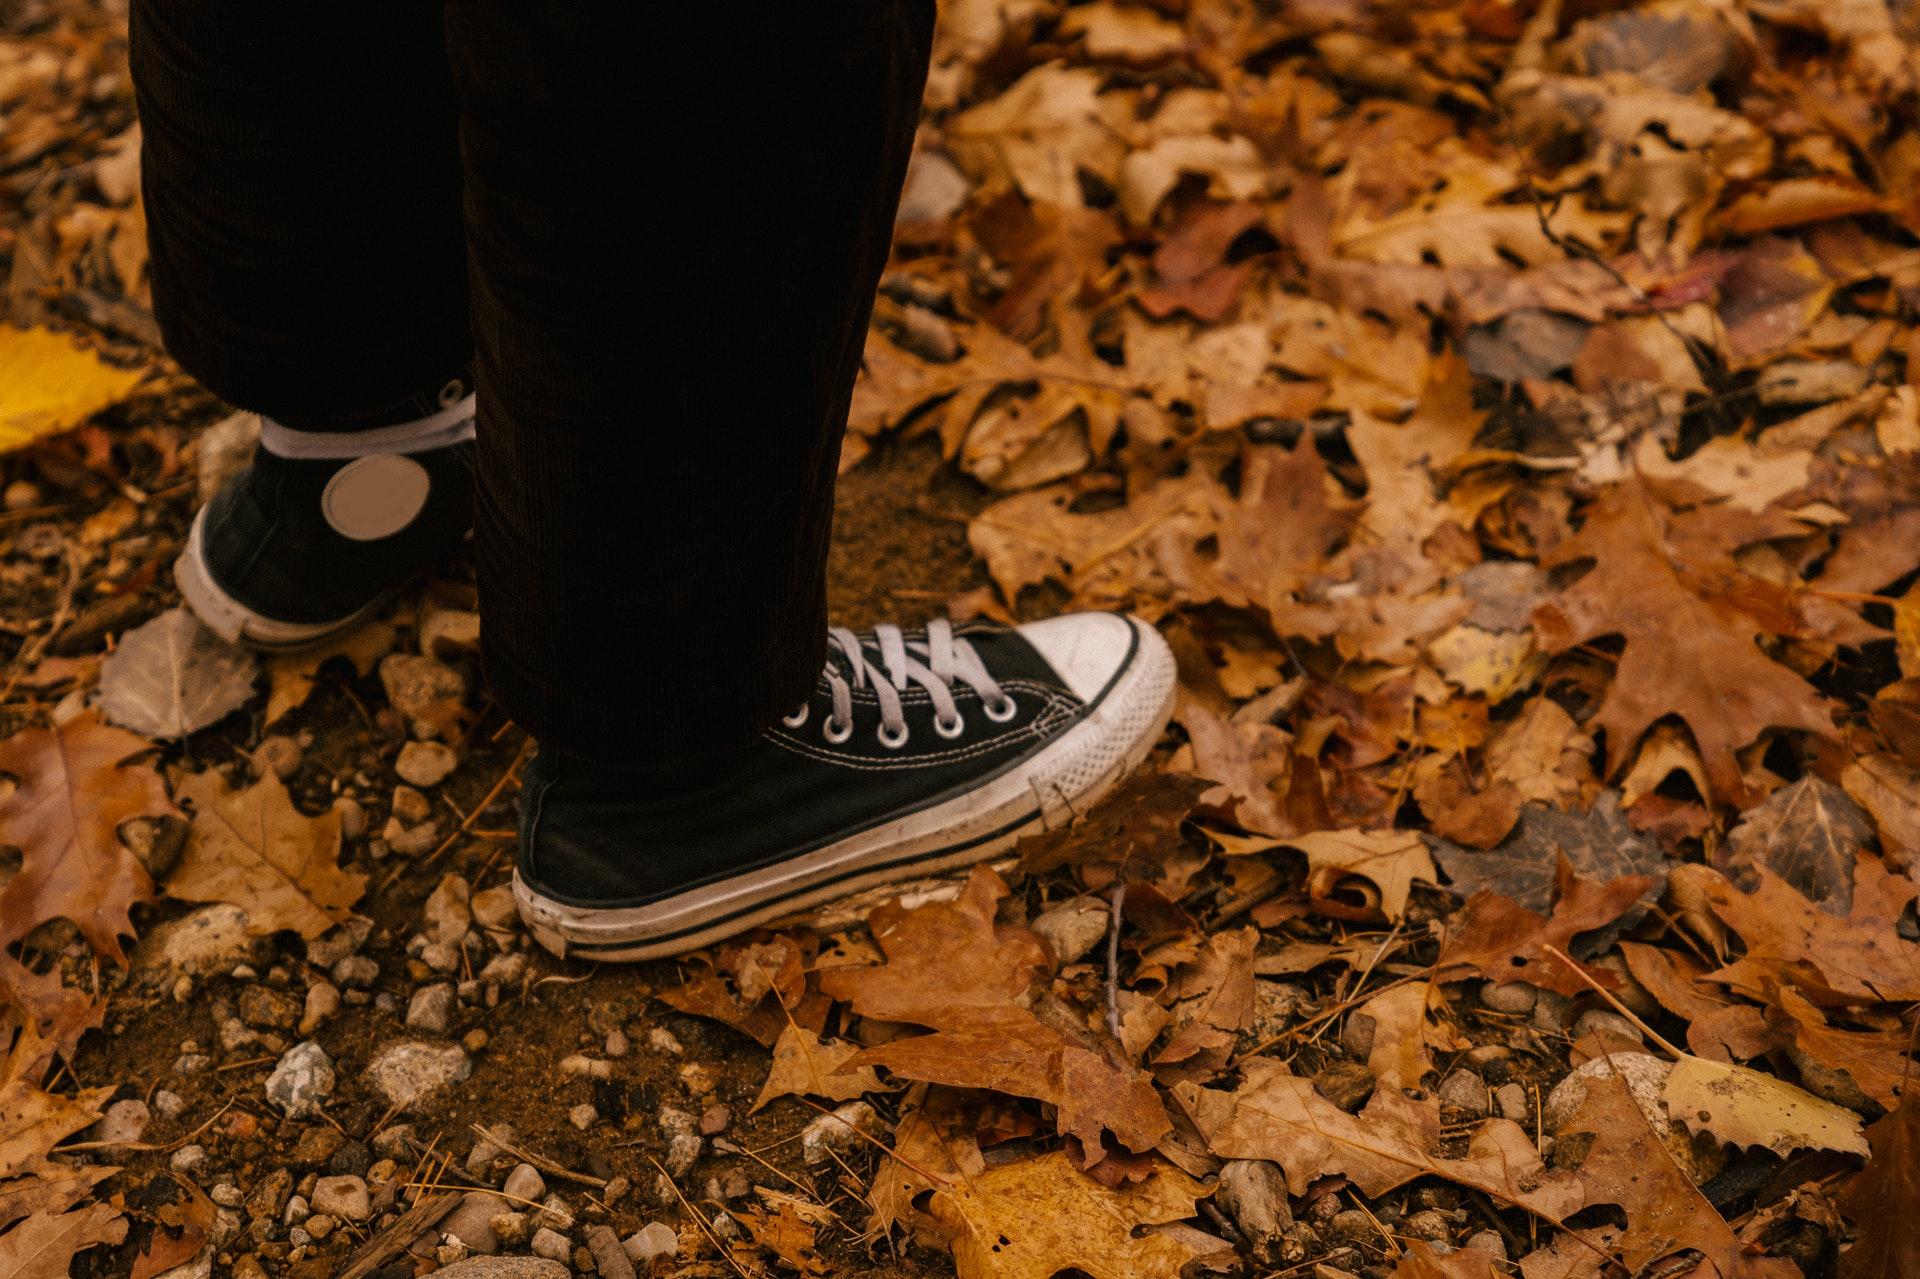 Иммунолог Болибок предупредил об исходящей от опавшей листвы опасности